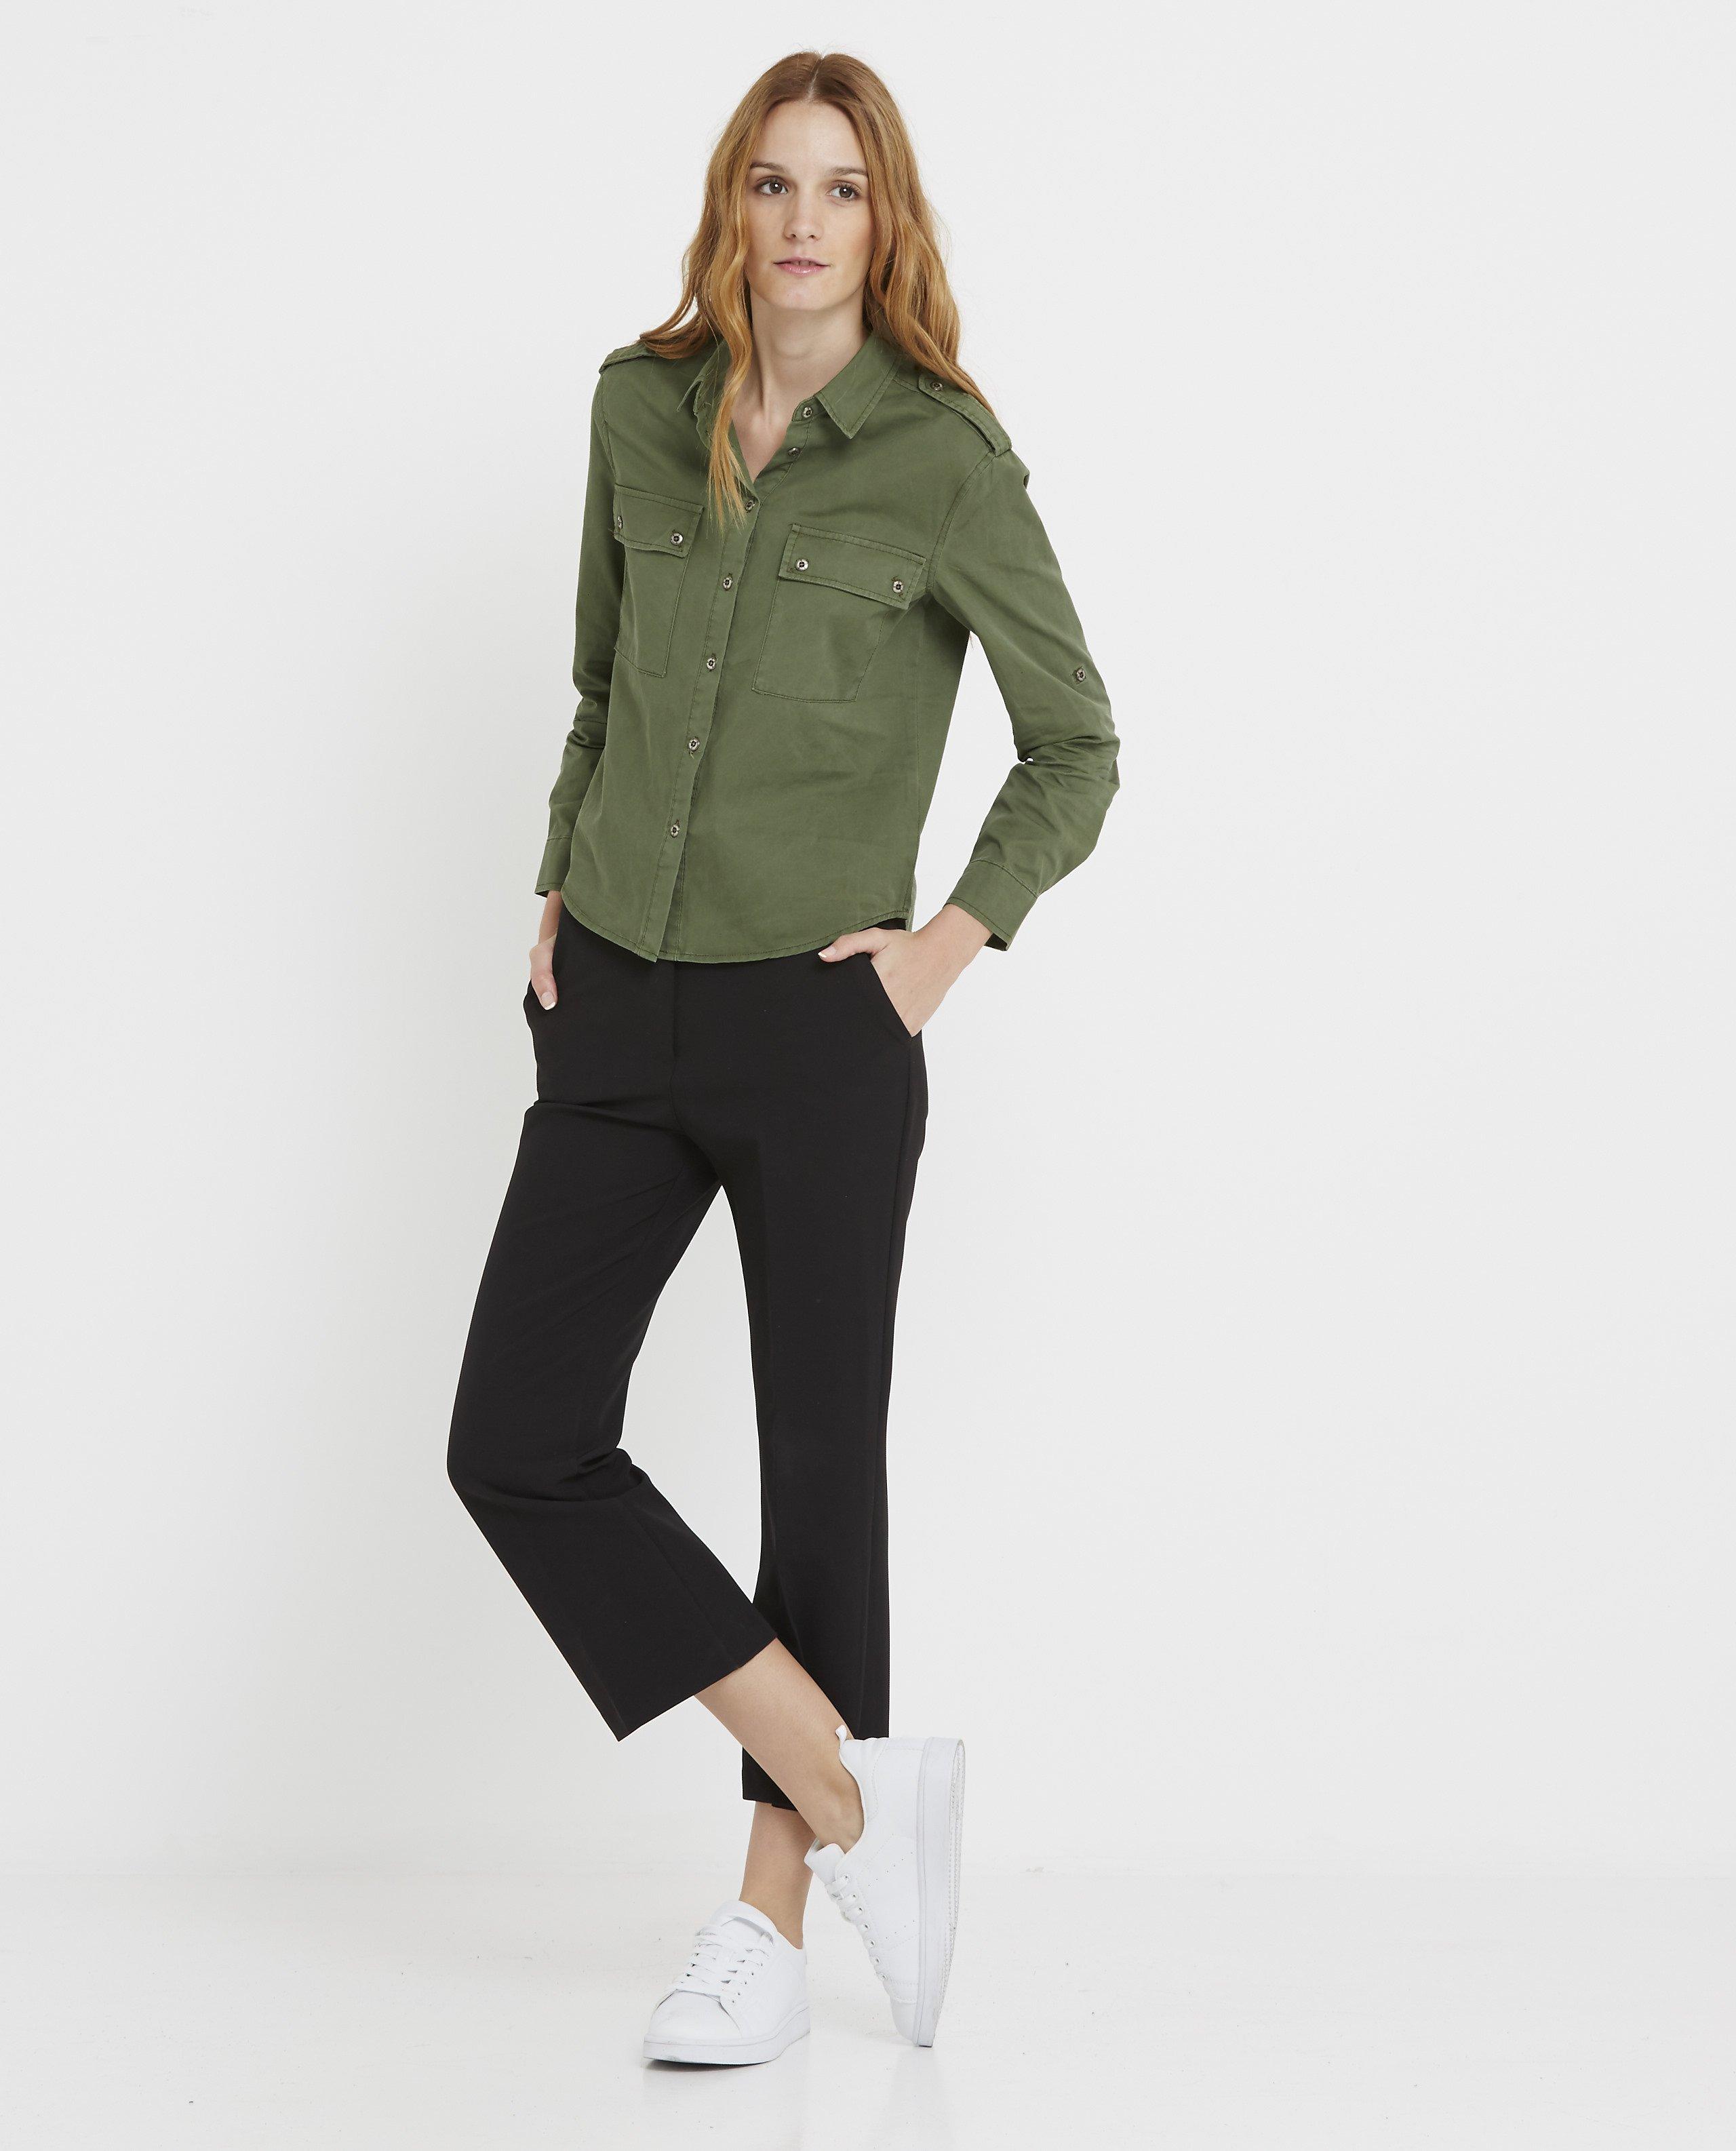 camisa-verde-militar